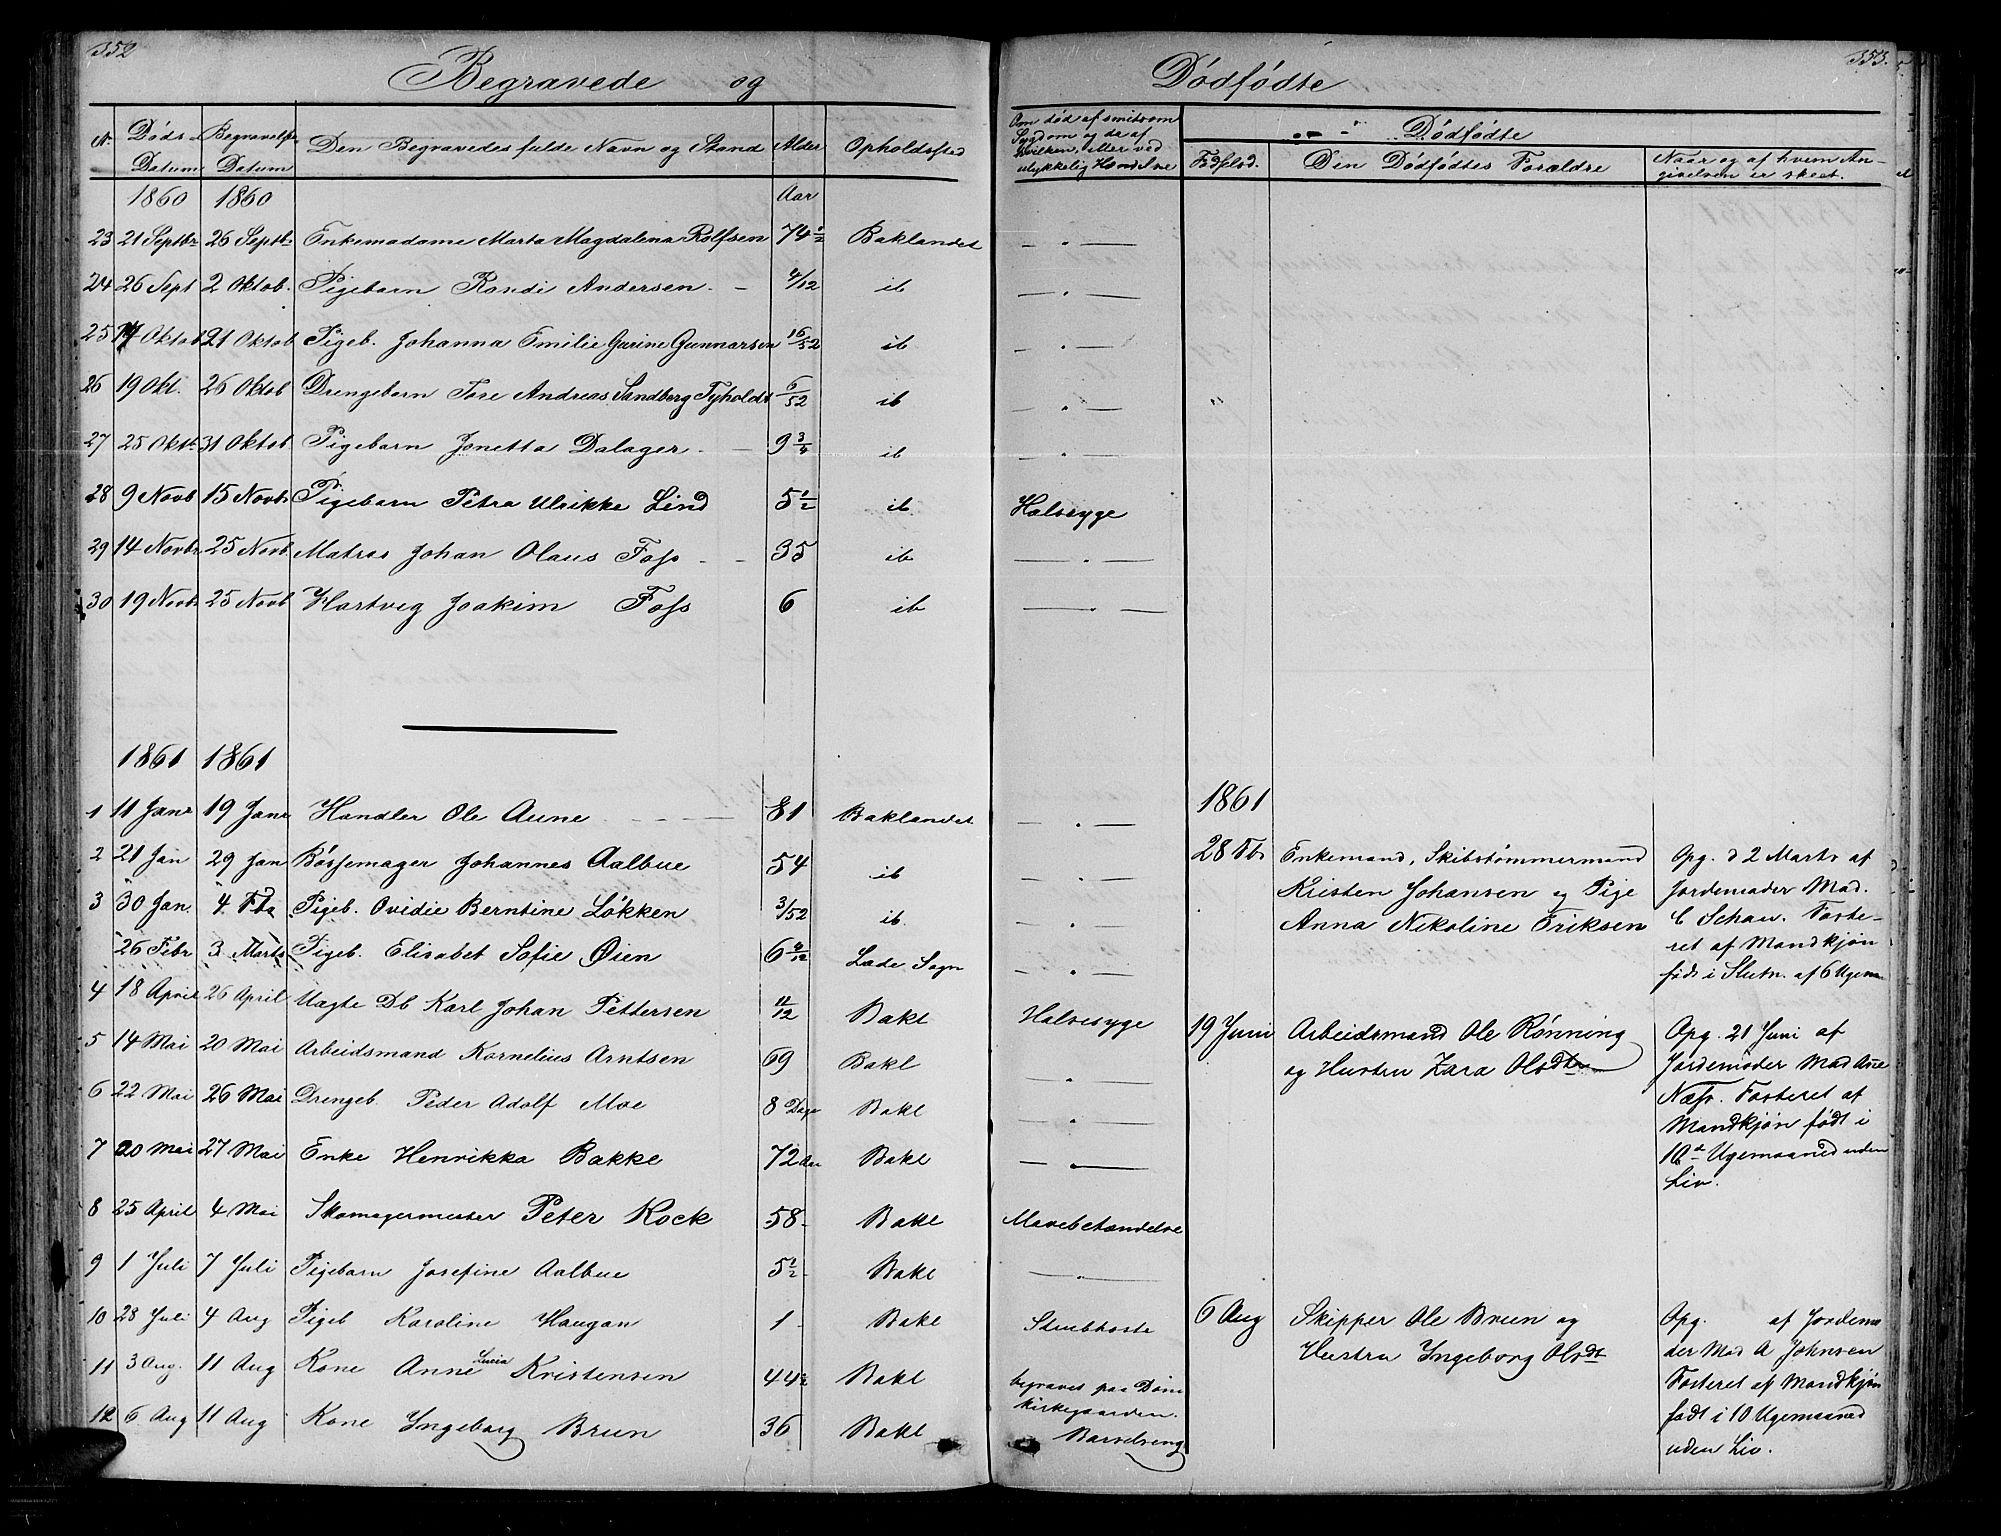 SAT, Ministerialprotokoller, klokkerbøker og fødselsregistre - Sør-Trøndelag, 604/L0219: Klokkerbok nr. 604C02, 1851-1869, s. 352-353